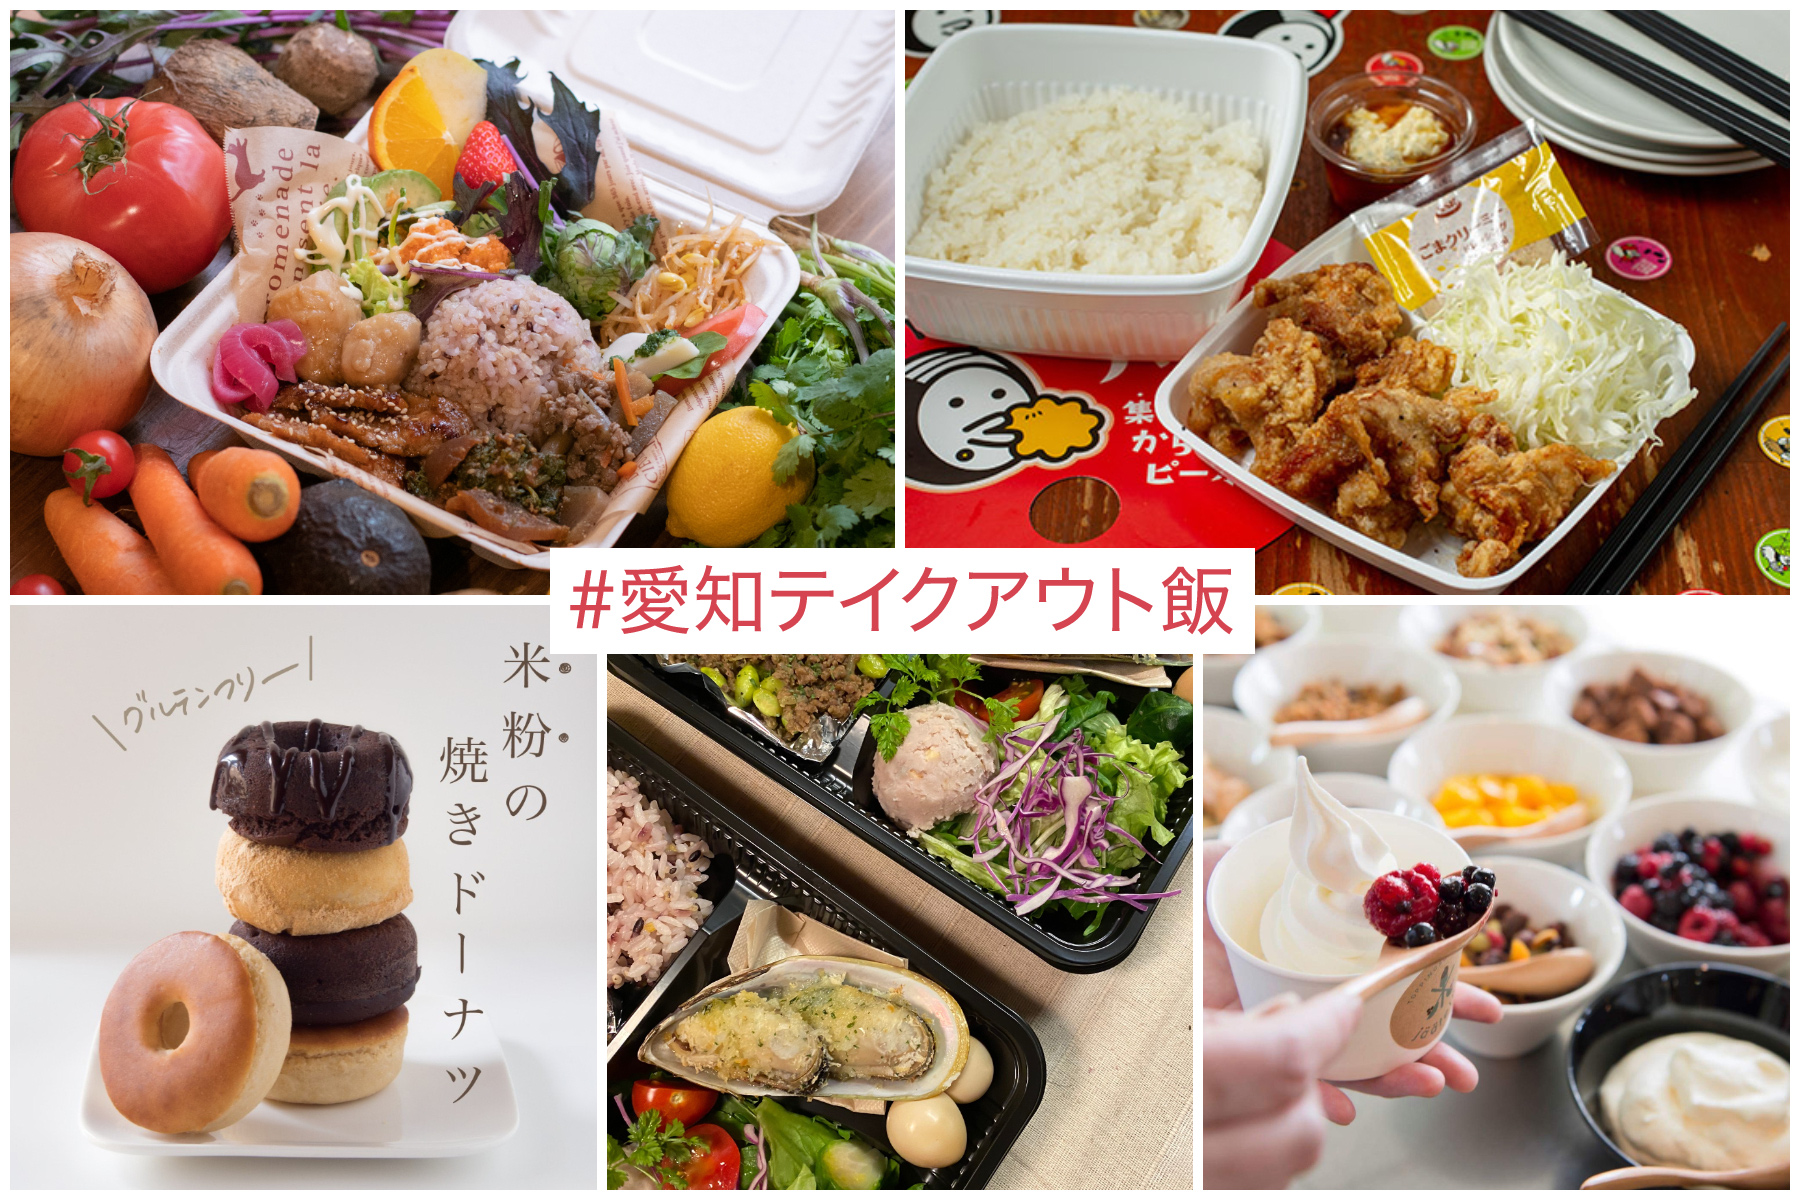 当社運営のWebメディア「ライフデザインズ」で愛知県・名古屋市のテイクアウト&デリバリーできる飲食店情報を募集しています。